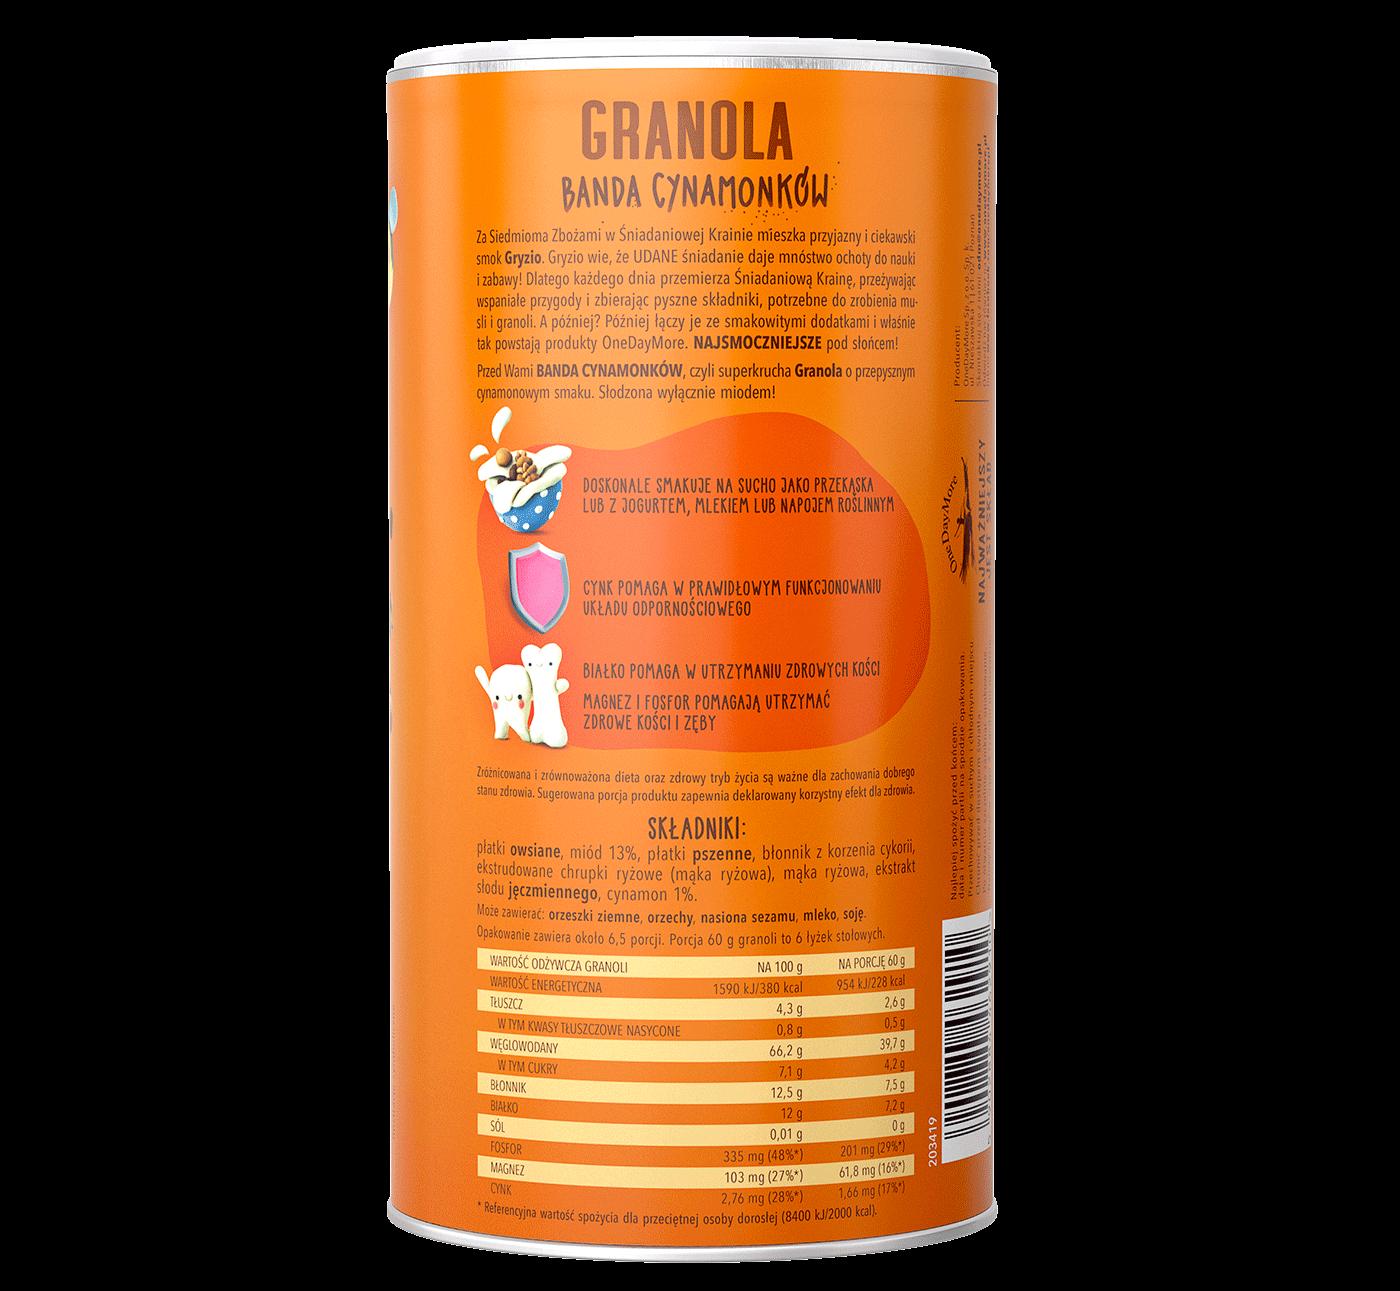 granola-banda-cynamonkow-onedaymore-tuba-tyl_1400x1291